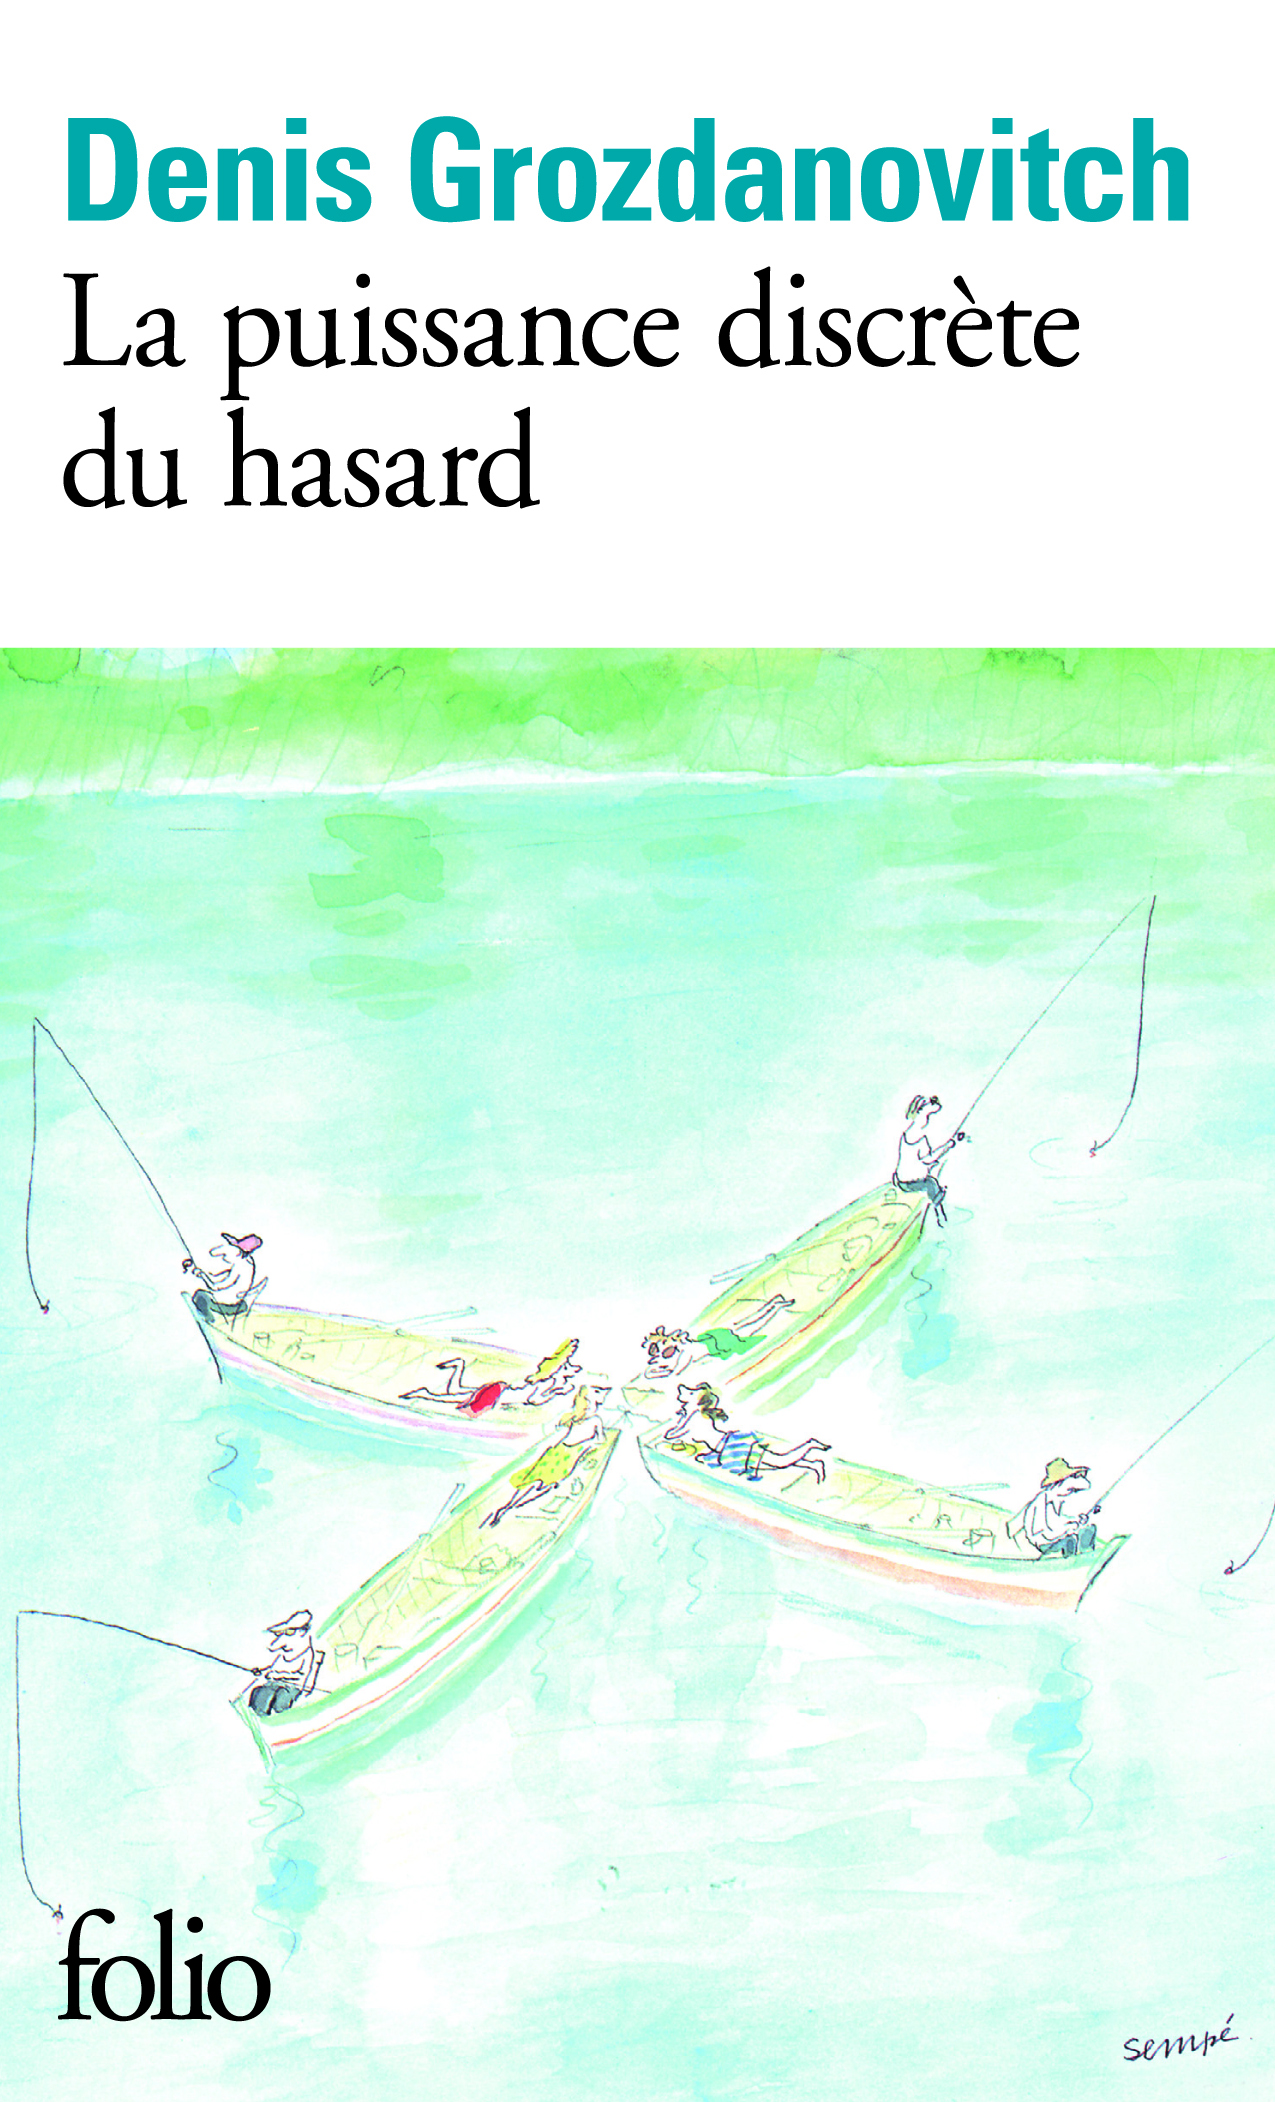 LA PUISSANCE DISCRETE DU HASARD